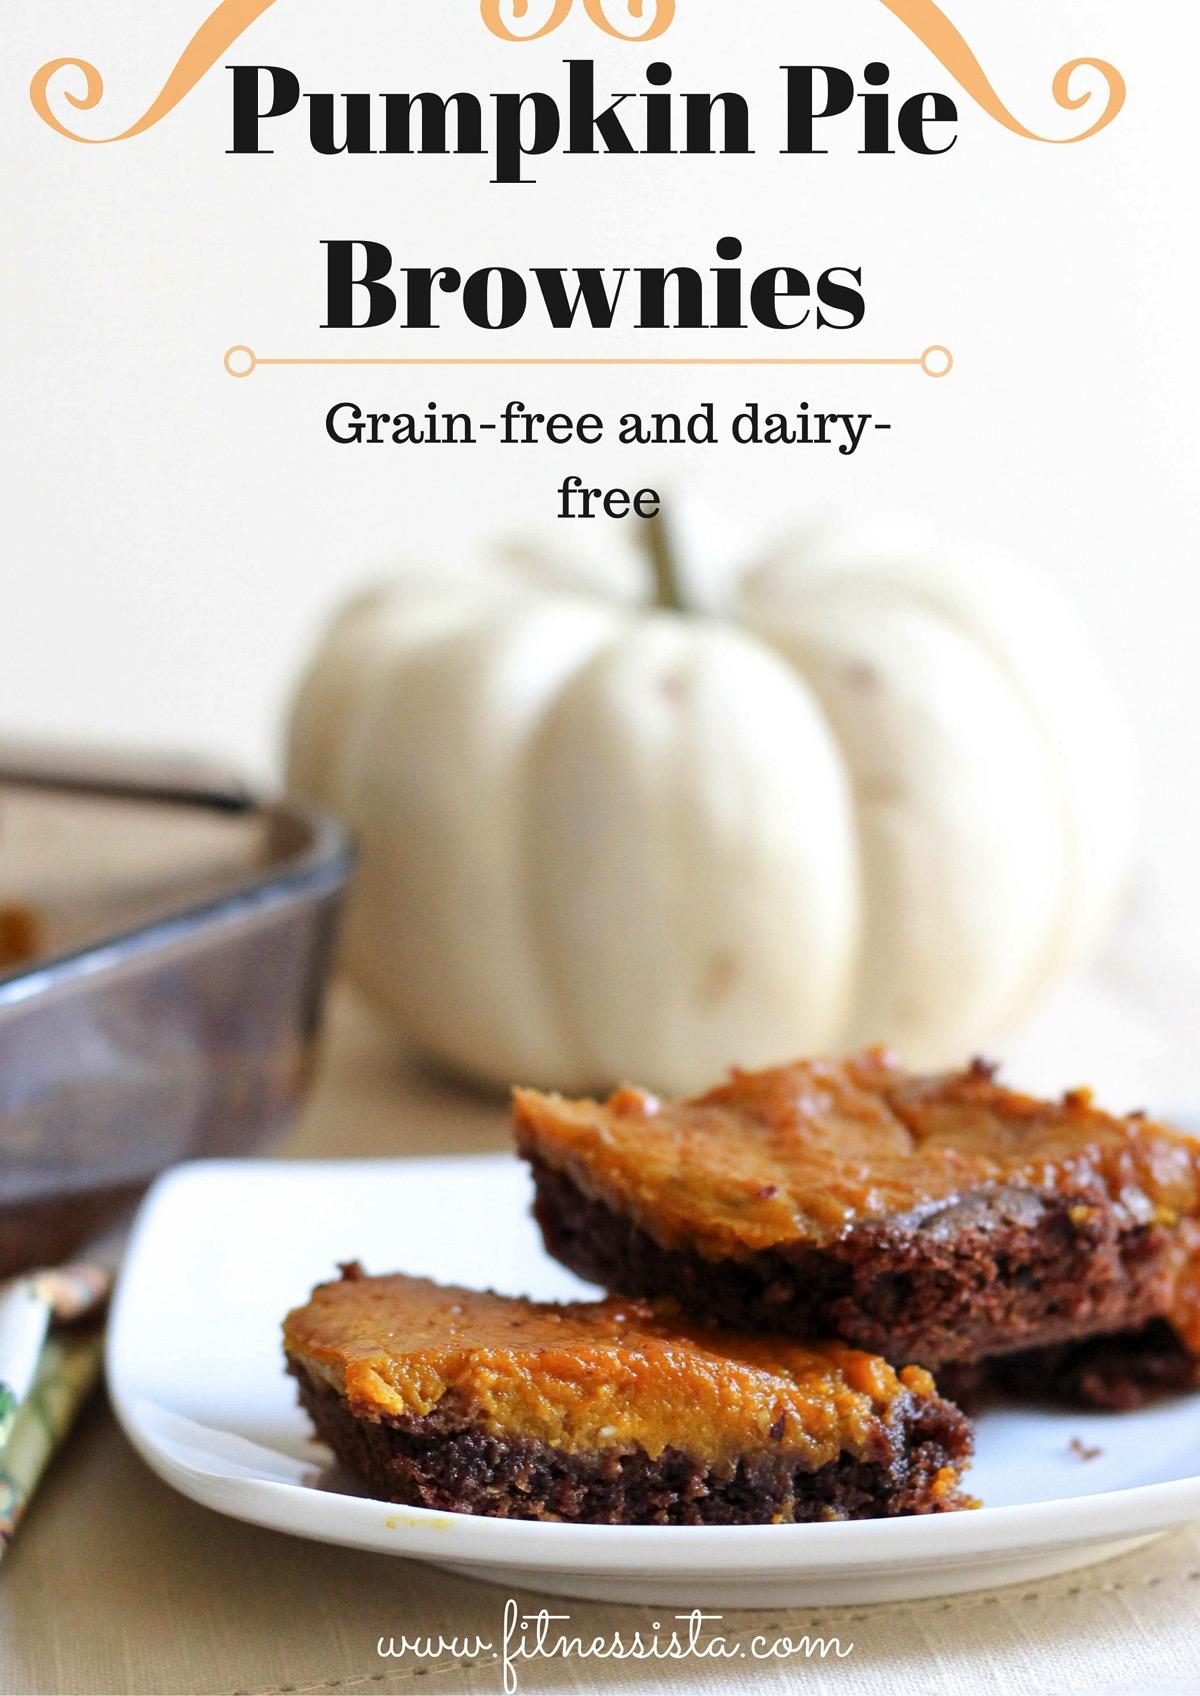 Pumpkin Pie Brownies, Grain-free Dairy-free